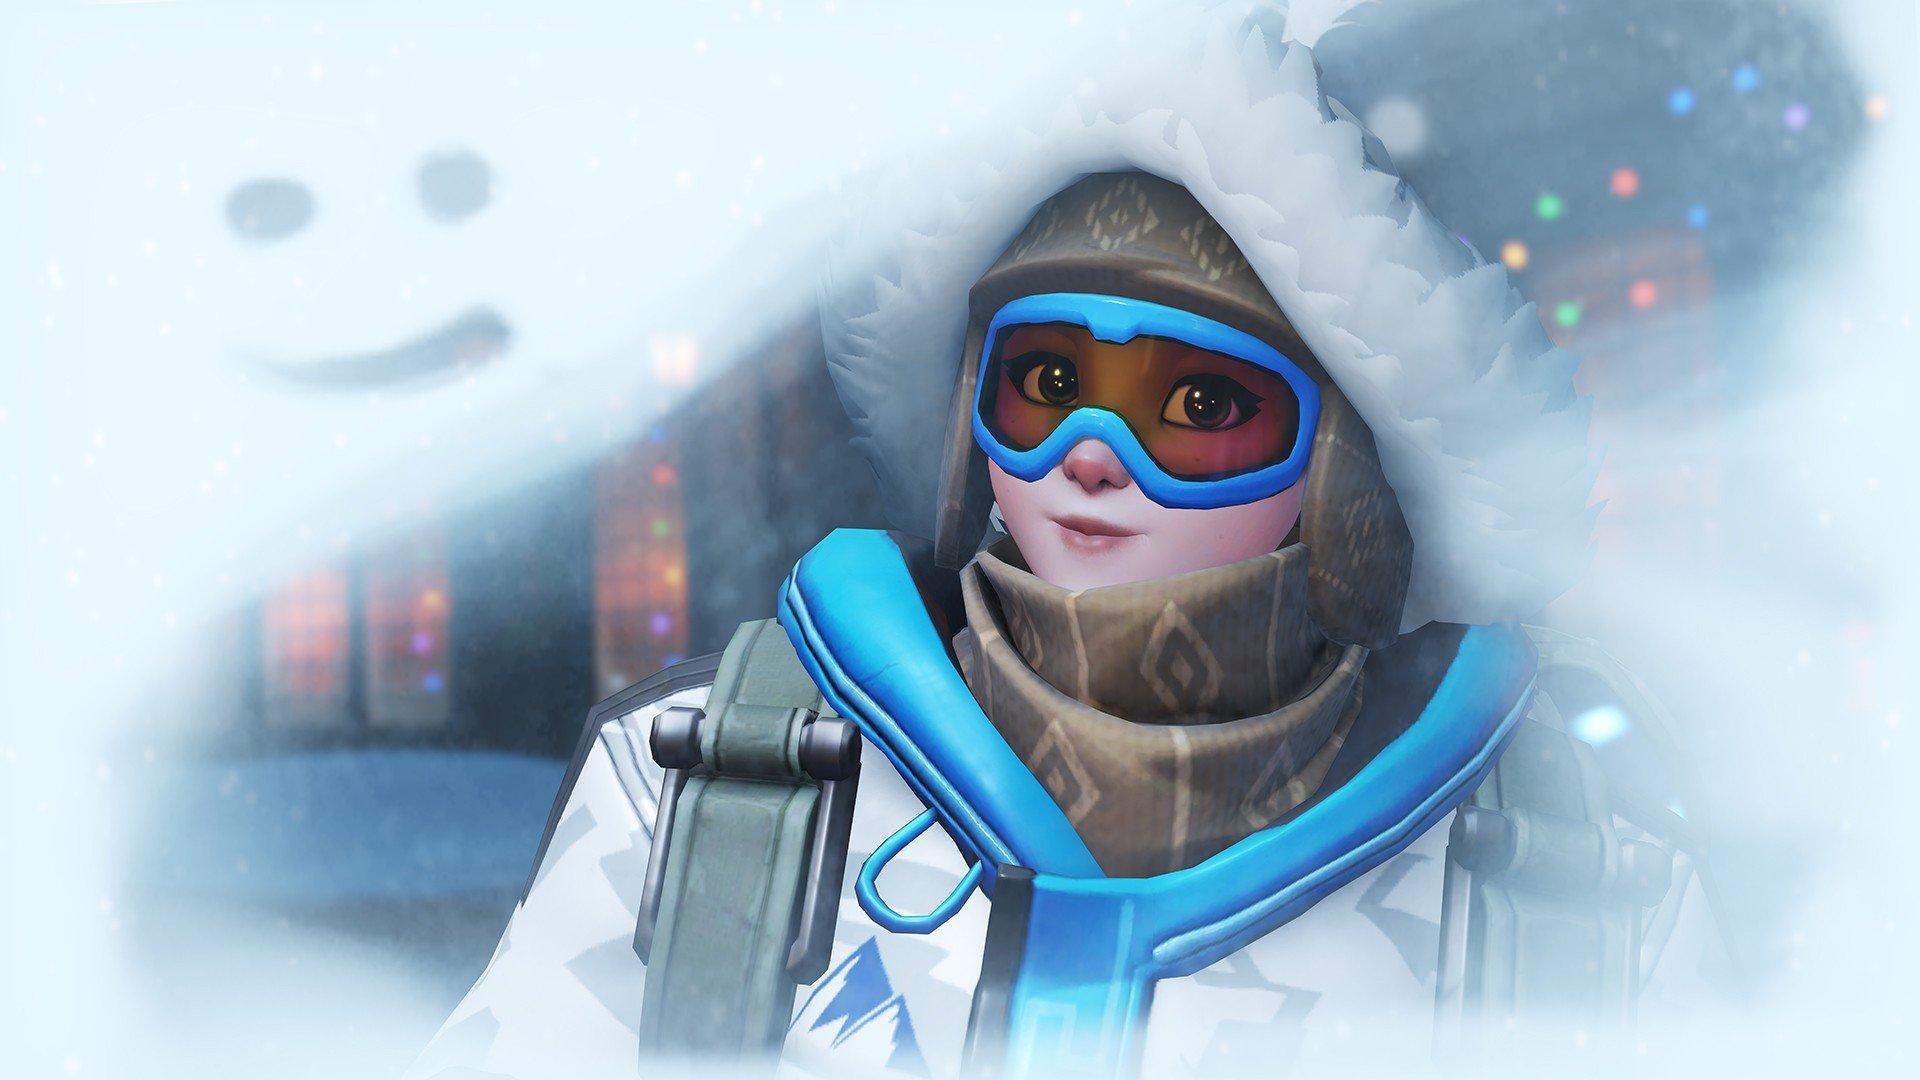 Overwatch snow mei overwatch hd wallpapers desktop - Mei wallpaper ...